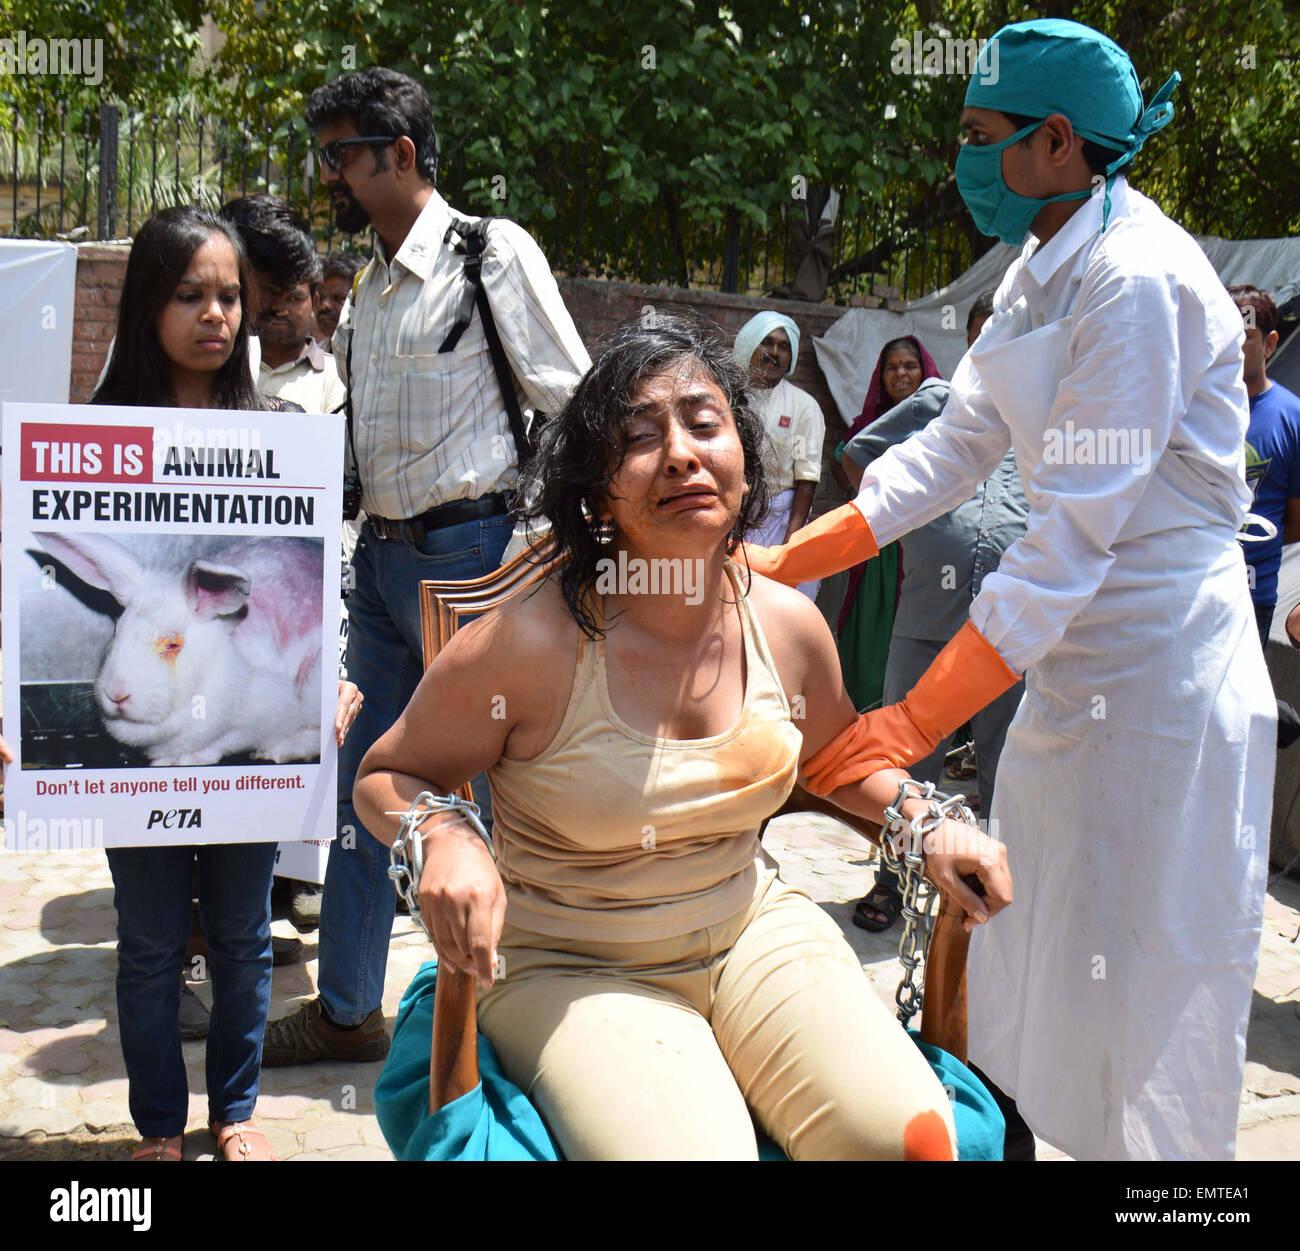 Peta Activists Stock Photos & Peta Activists Stock Images - Page 2 - Alamy